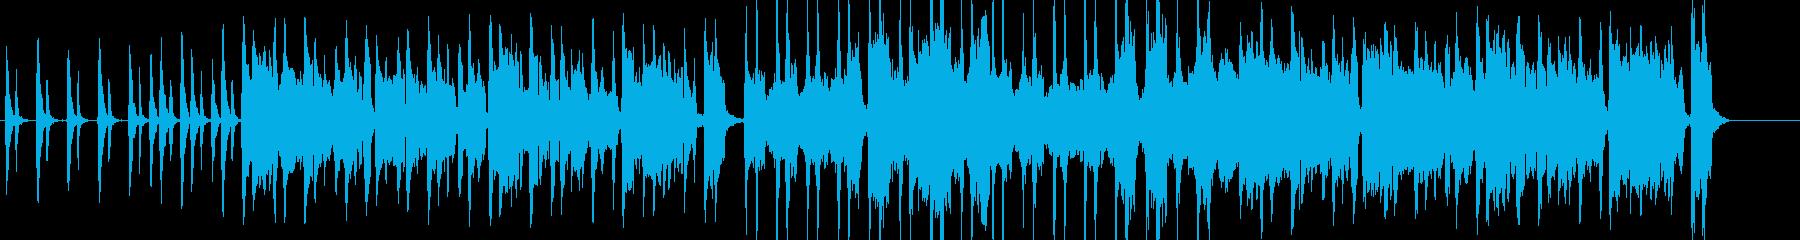 ほのぼのとしたストリングスBGMの再生済みの波形